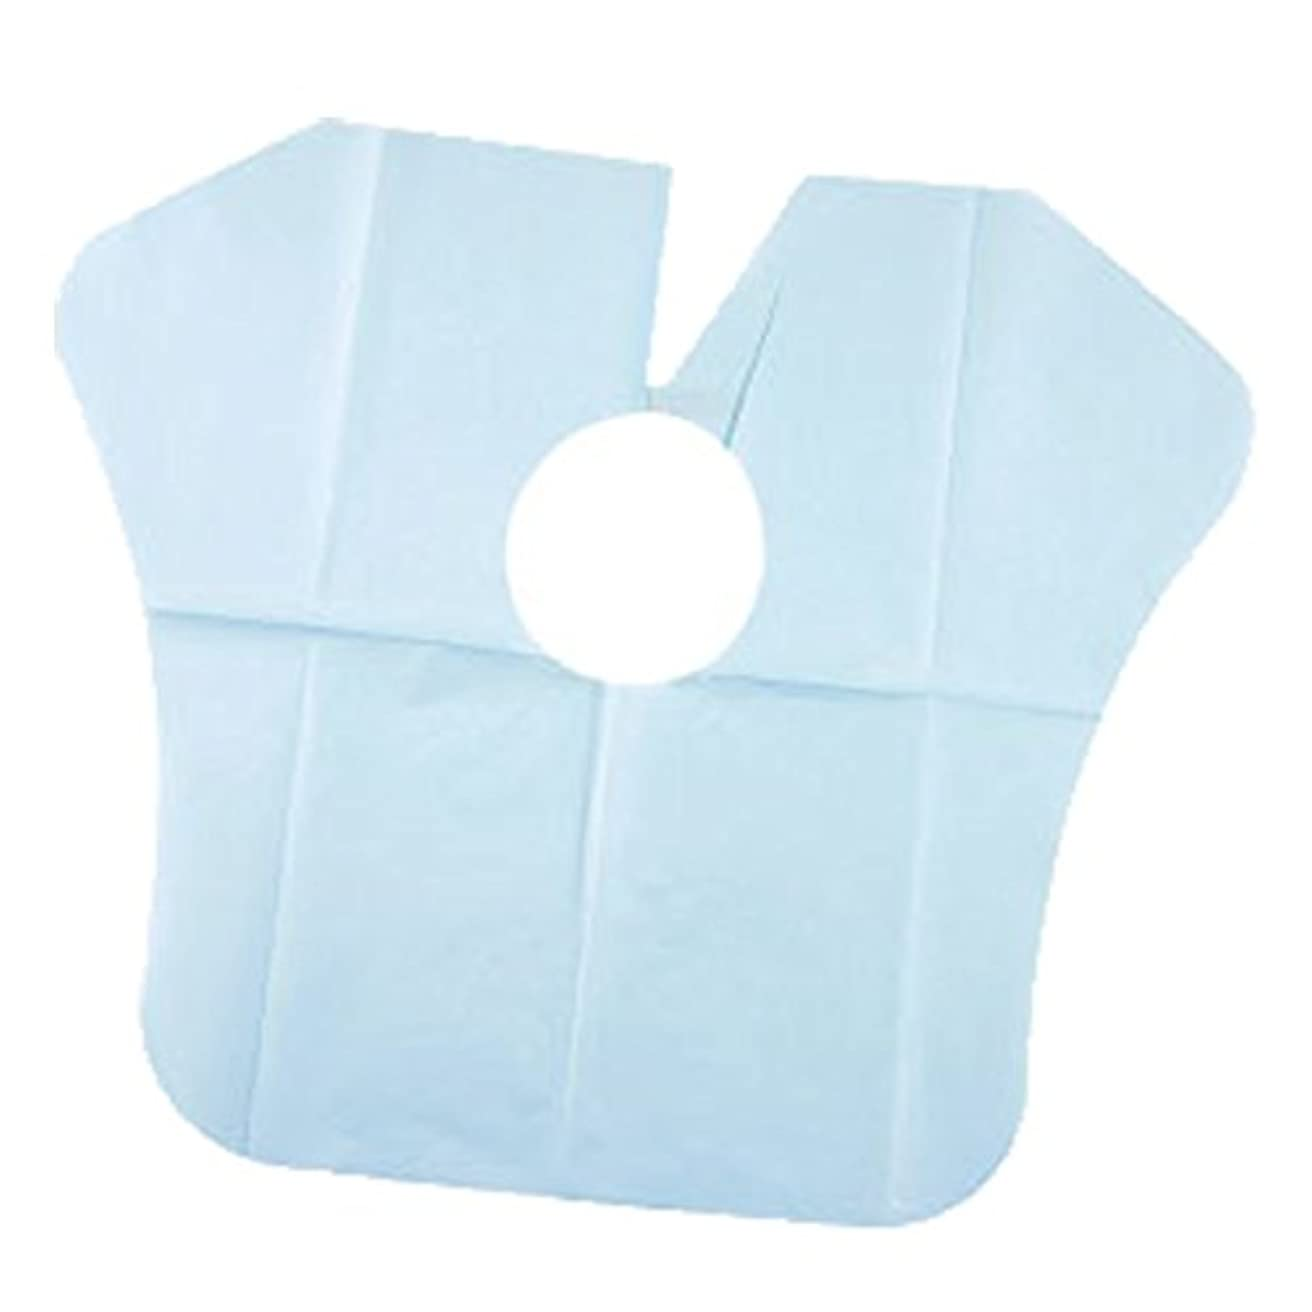 腹次へばかげたヨネコ ペーパーケープ 30枚入 不織布 ヘアダイクロスを汚れから守ります! YONECO